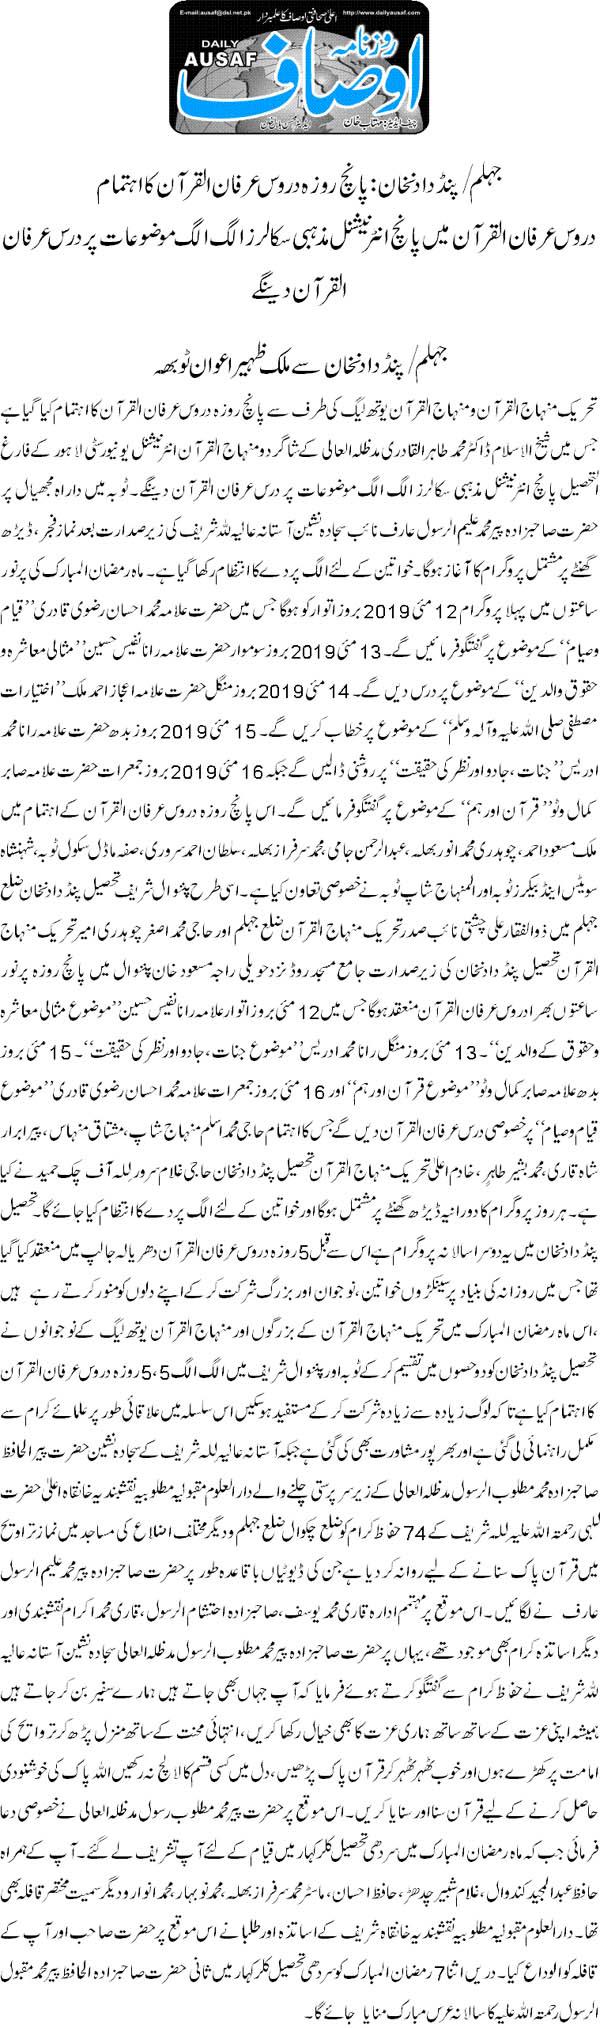 تحریک منہاج القرآن Minhaj-ul-Quran  Print Media Coverage پرنٹ میڈیا کوریج Daily Ausaf (Pinddadankhan)